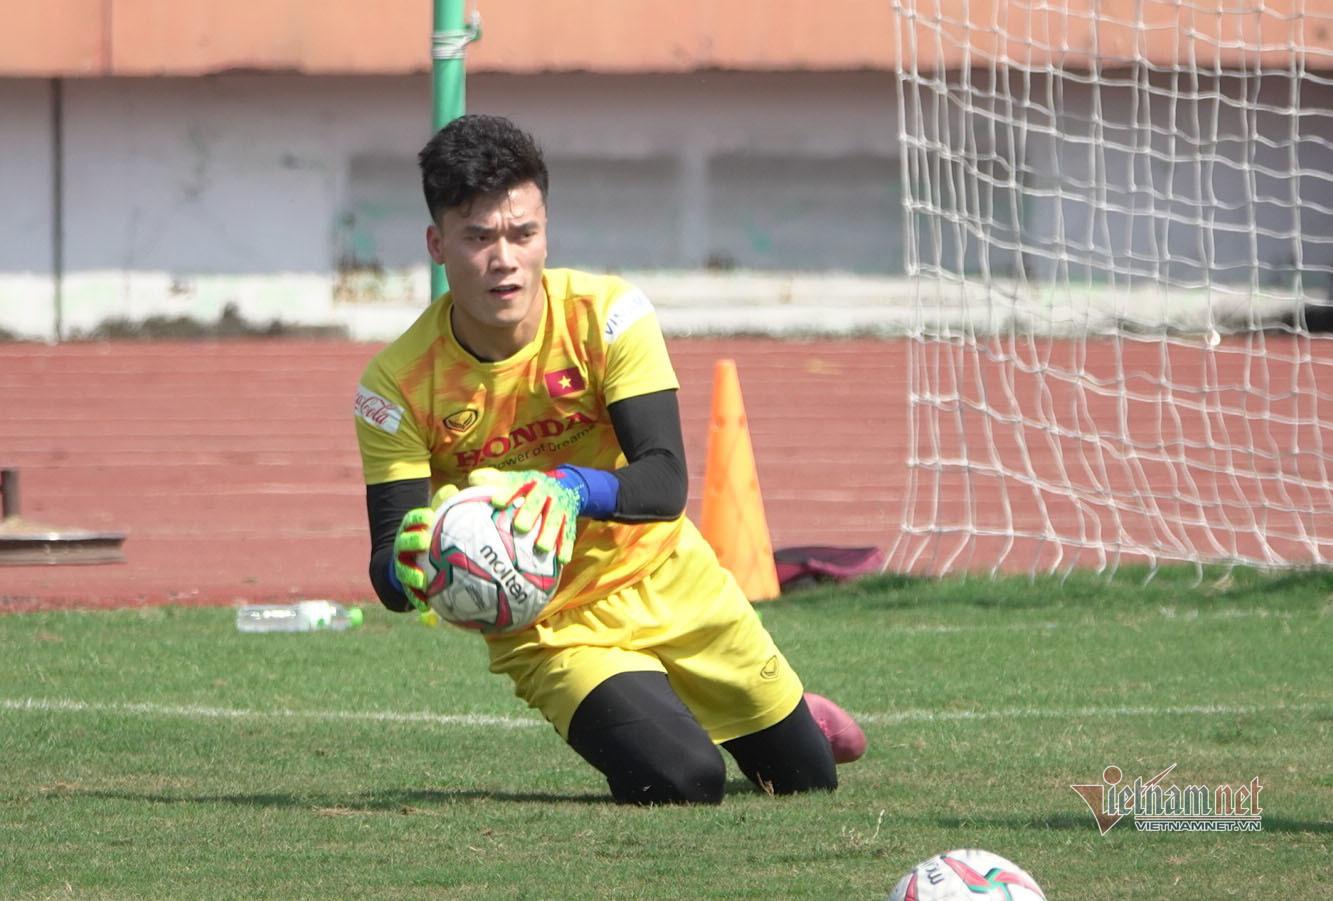 Bùi Tiến Dũng tuyên bố sửa sai, cùng U23 Việt Nam tiến xa